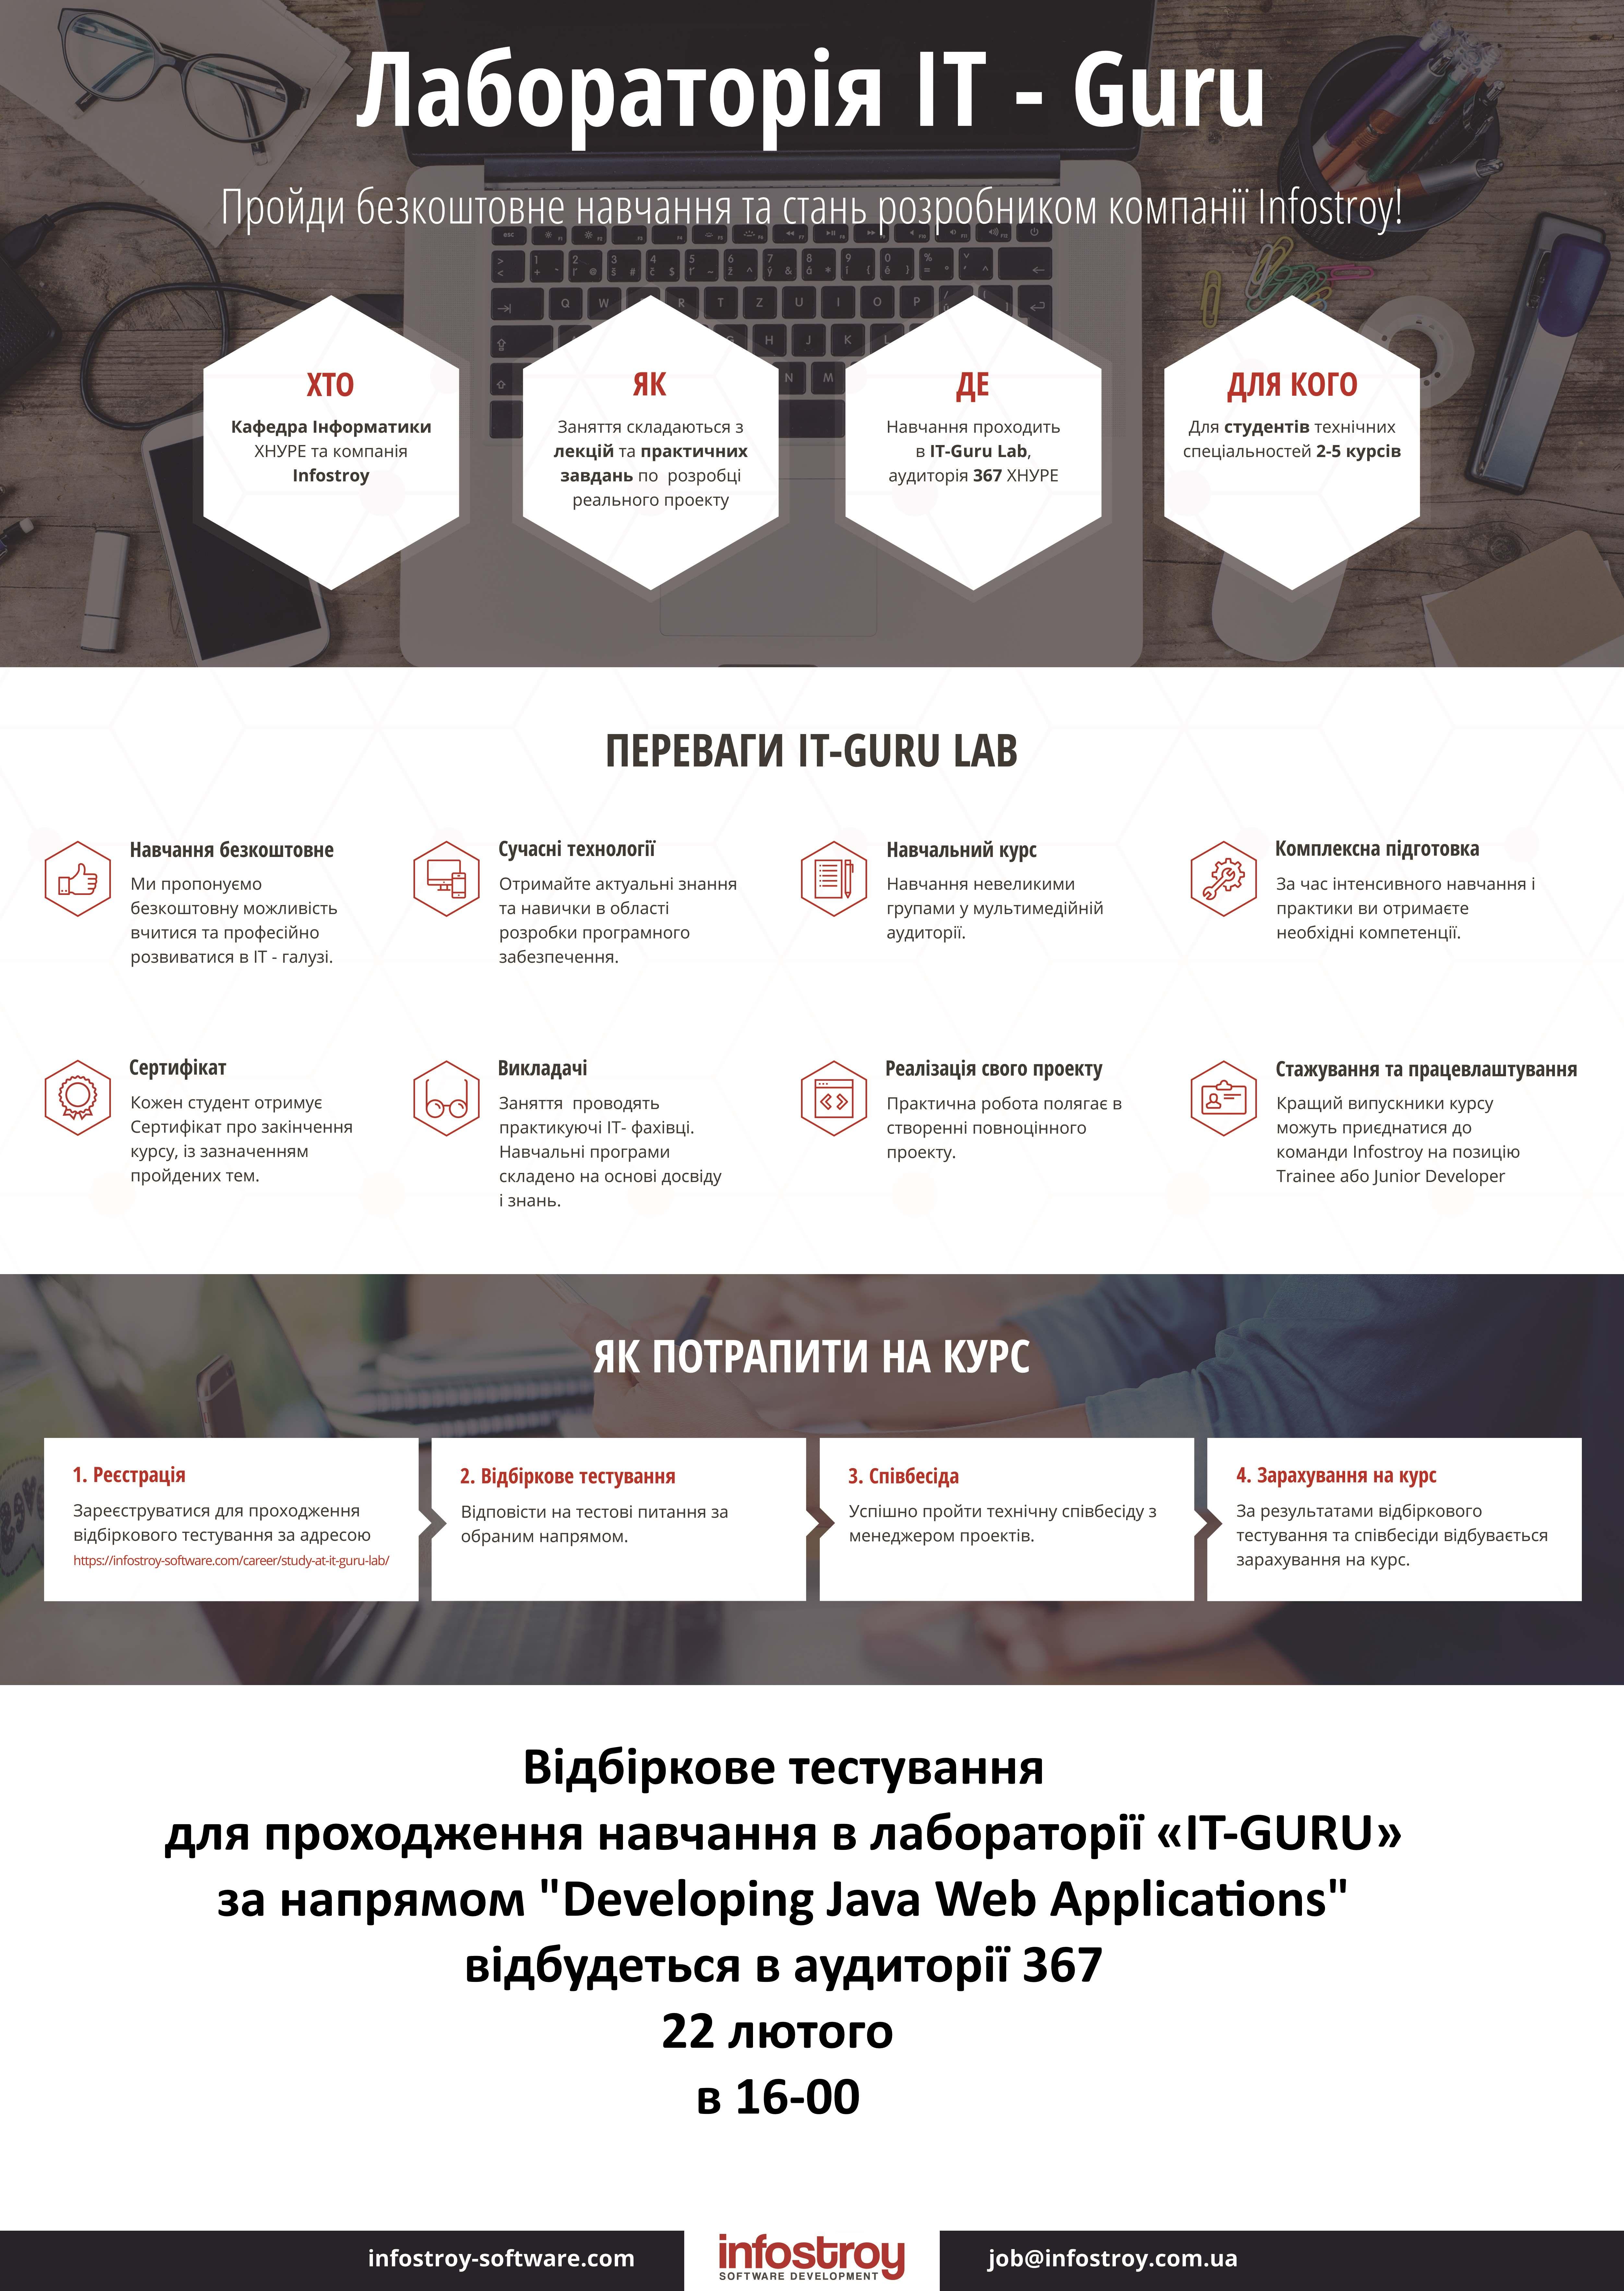 Отборочное тестирование лаборатории IT-GURU